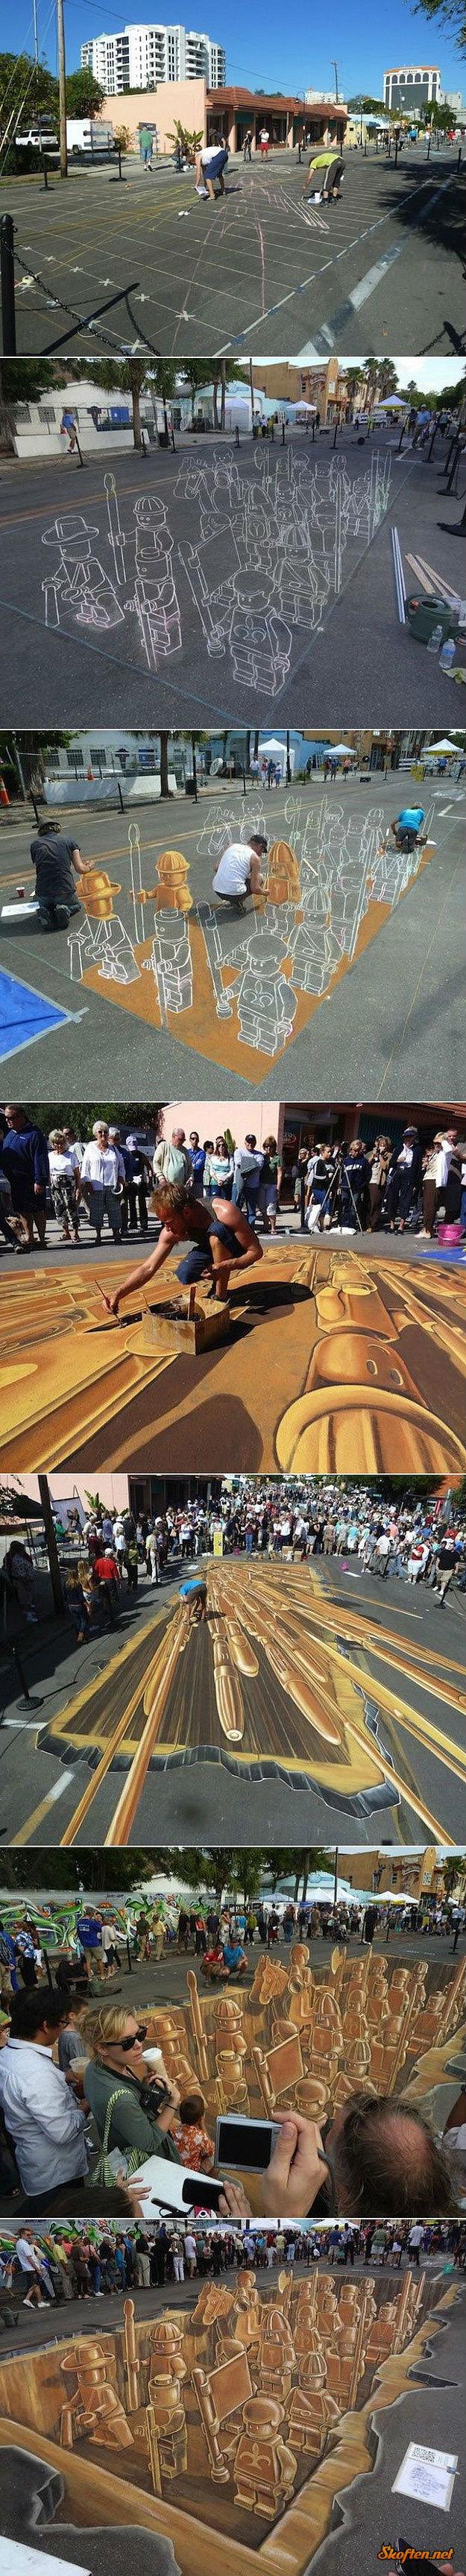 lego sidewalk drawing. .. Lego sidwalk art, you say? Closeenough.jpg